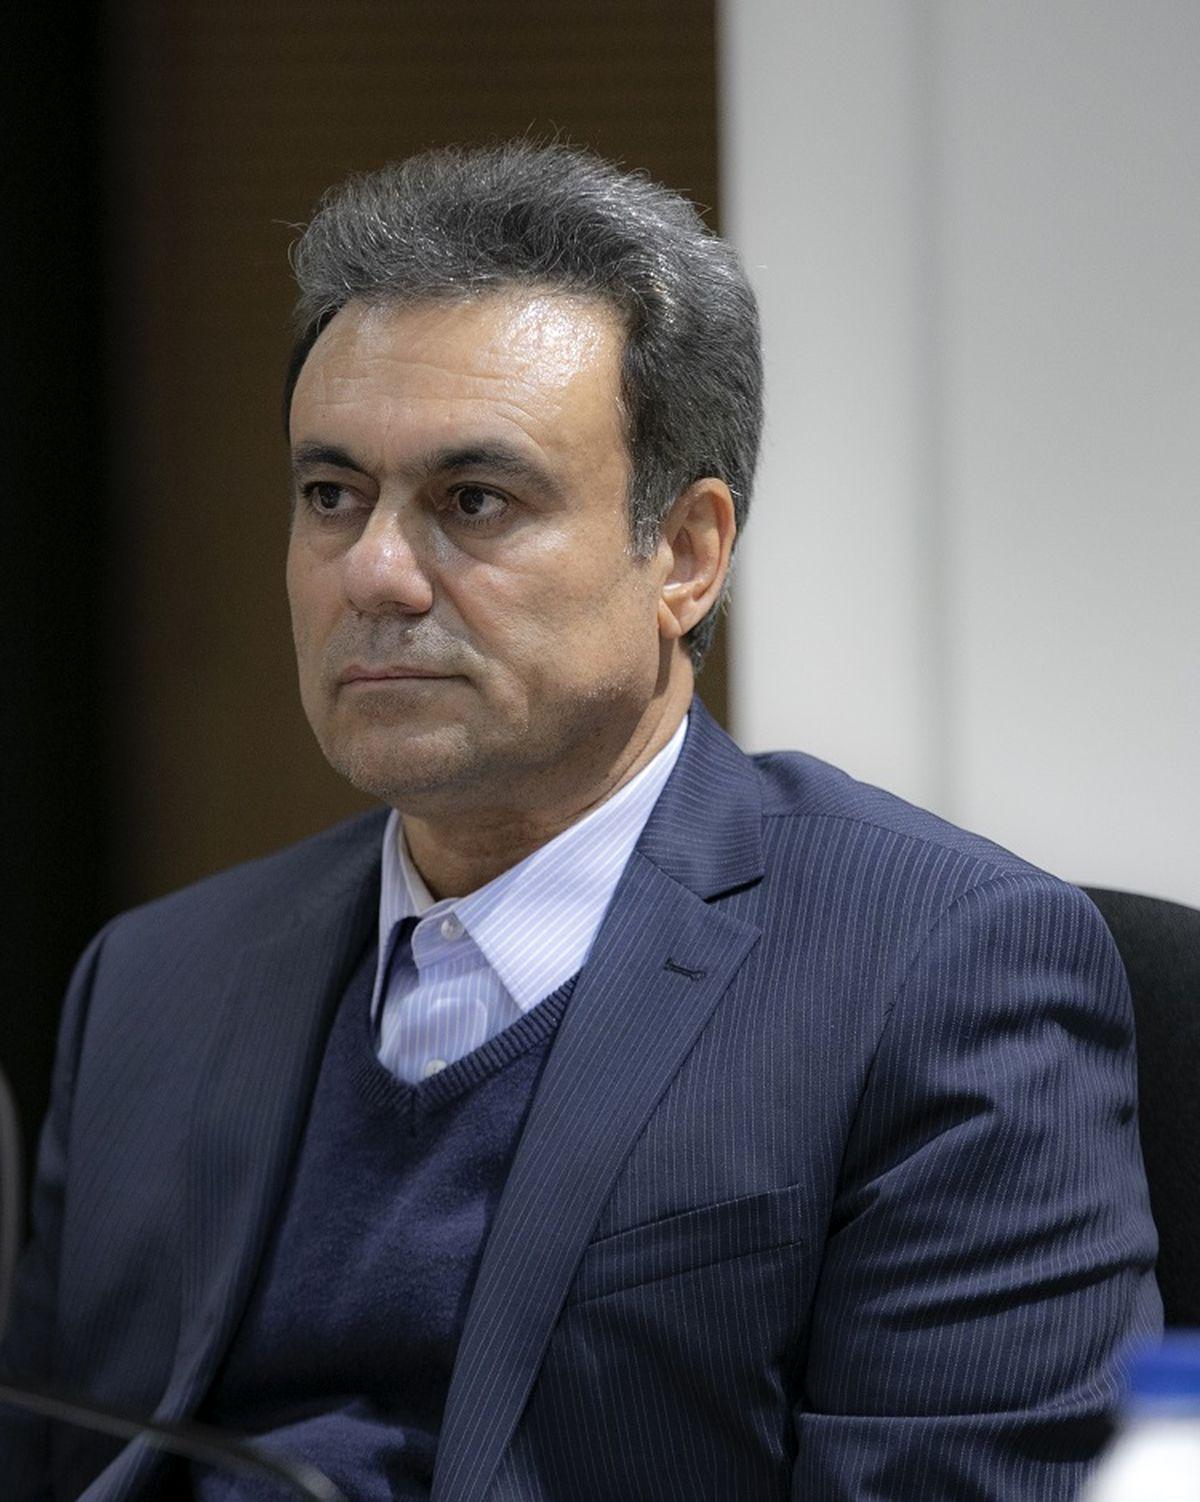 پیام تسلیت مدیرعامل بانک ملت به مناسبت وفات حضرت ام البنین (س)